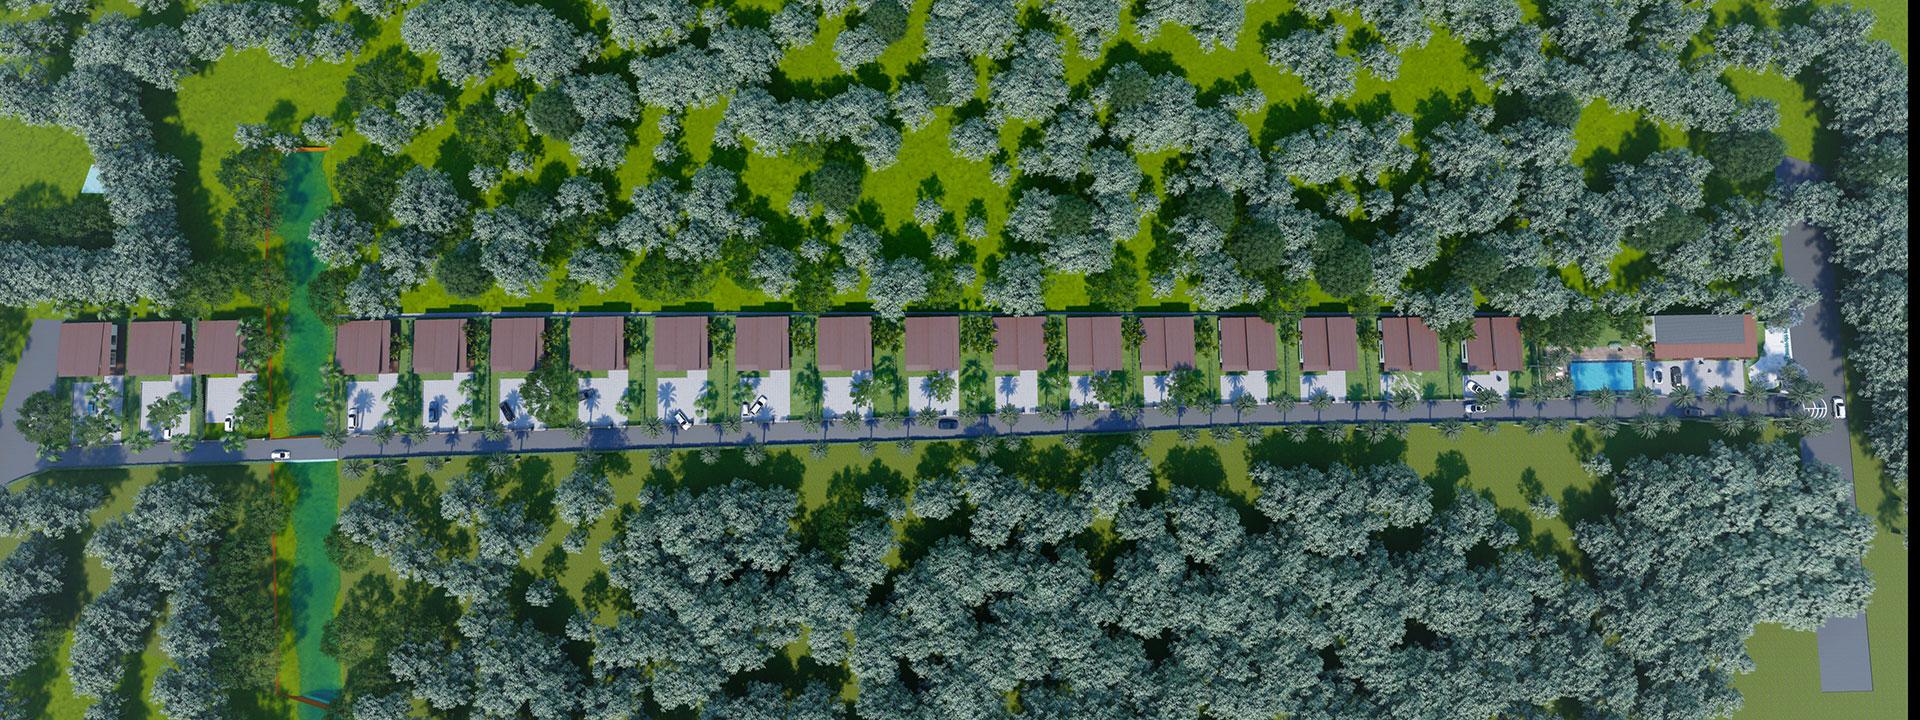 Dự án Lộc An Sandy homes tọa lạc tại Đường Lộc An - Hồ Lồ, Xã Láng Dài, Đất Đỏ, Bà Rịa Vũng Tàu